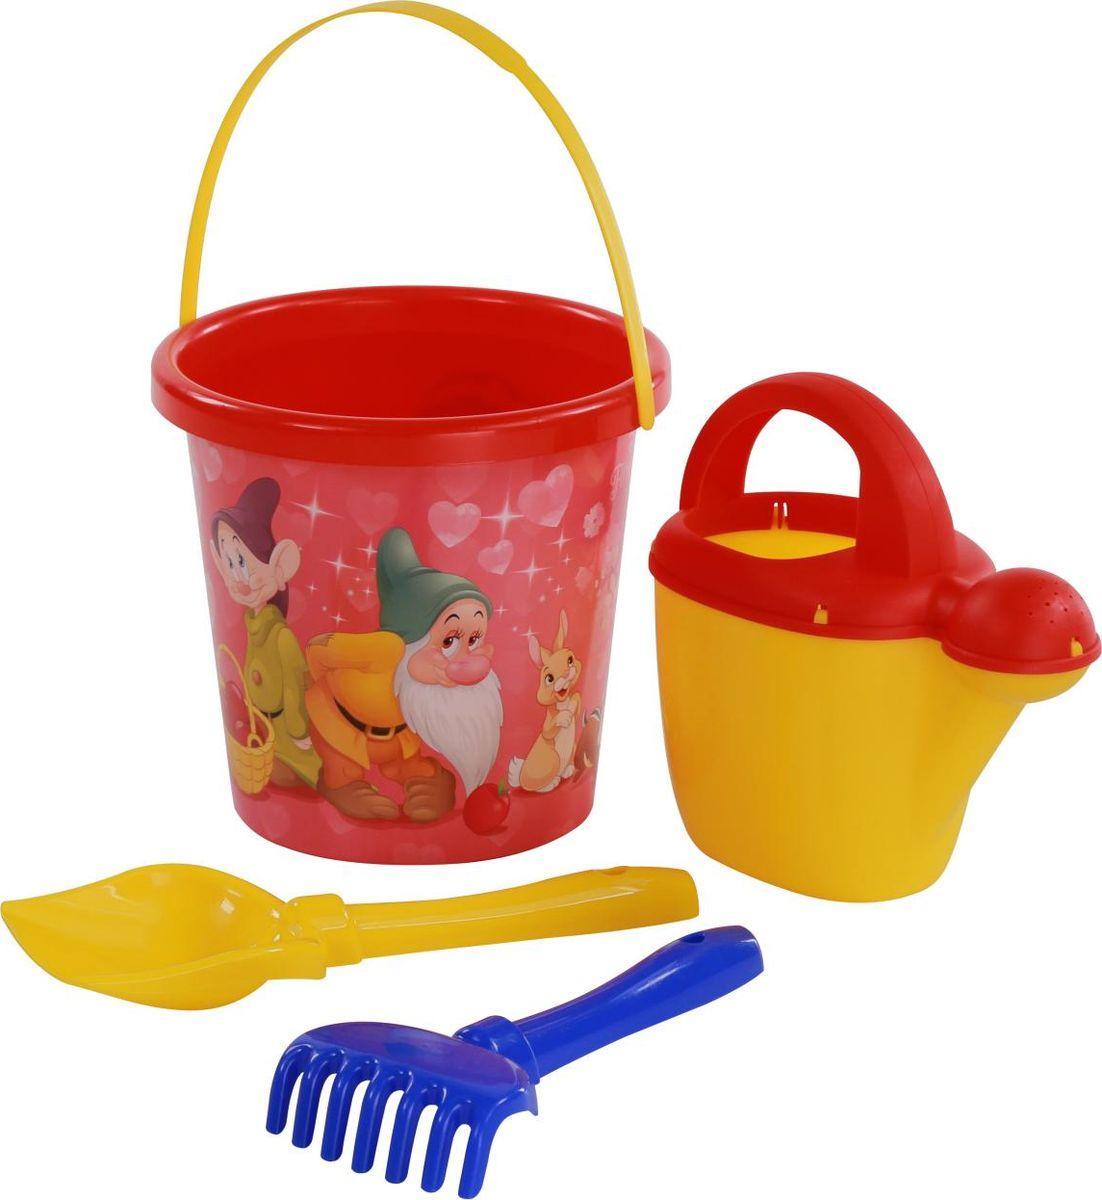 Disney Набор игрушек для песочницы Принцесса №9 4 предмета disney набор игрушек для песочницы принцесса 13 5 предметов